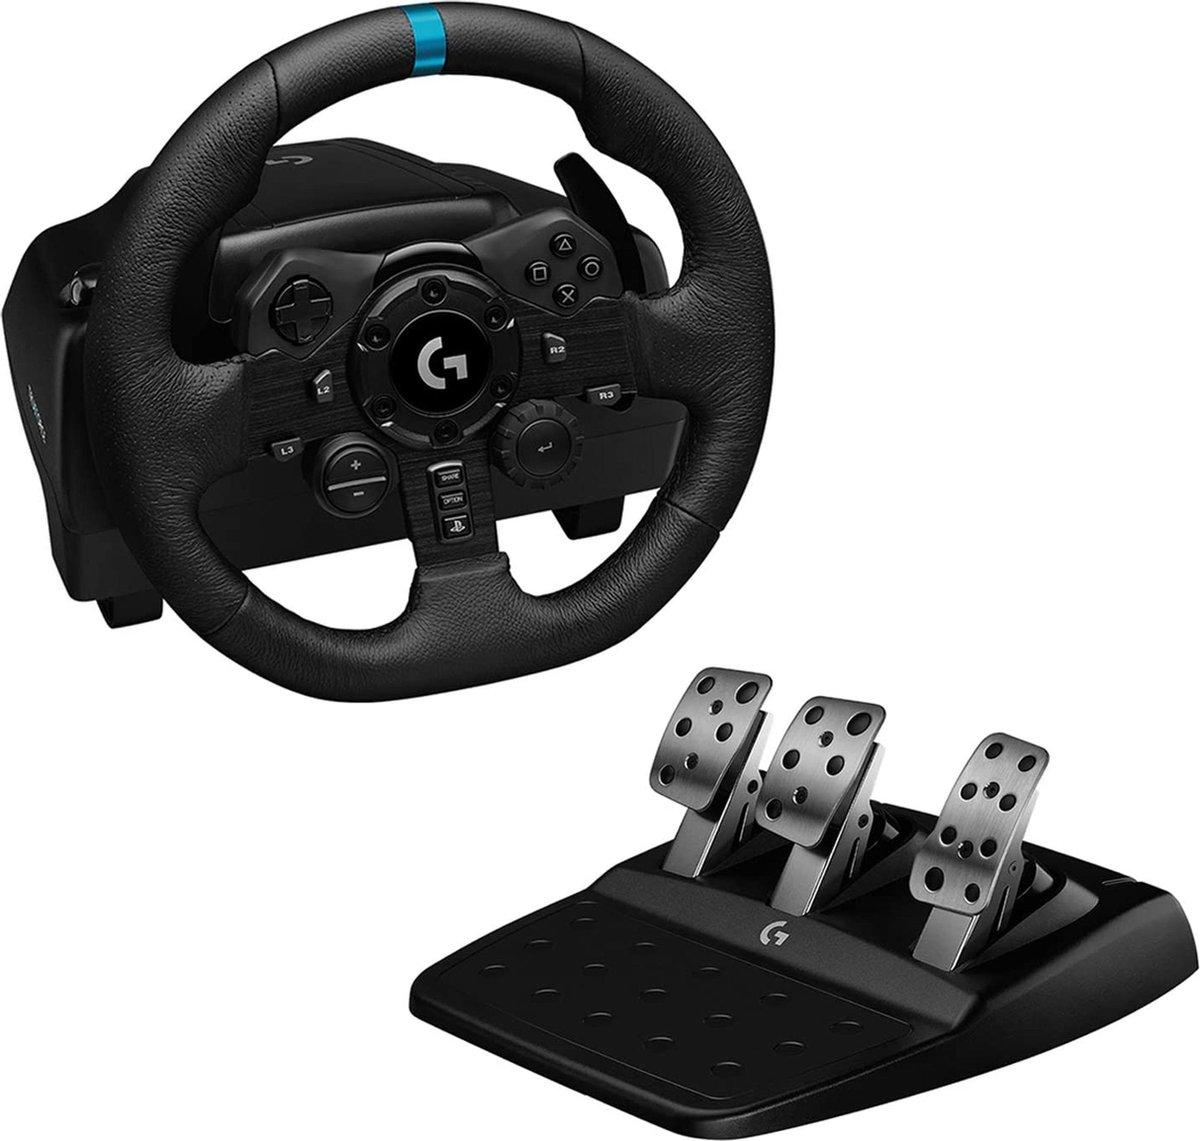 Race simulator - Forcefeedback tot 1000 Hz - Race stuur - Professionele race simulator - Race pedale